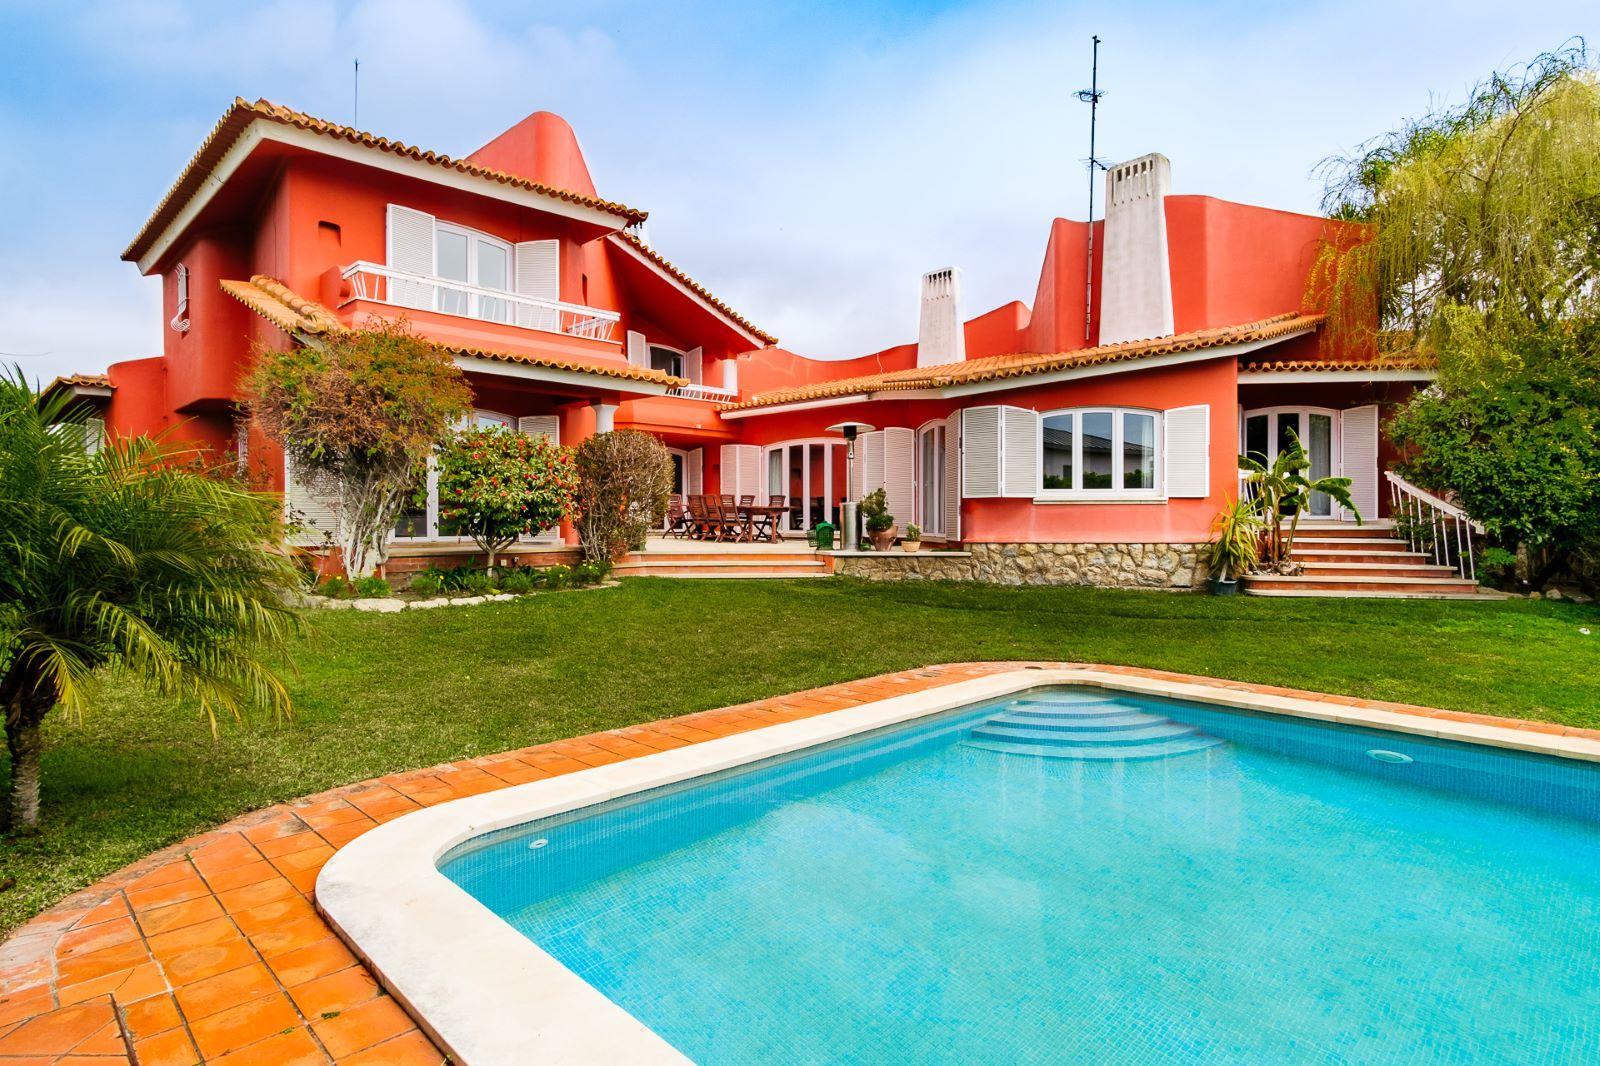 5 BEDROOM VILLA WITH POOL IN QUINTA DA BICUDA